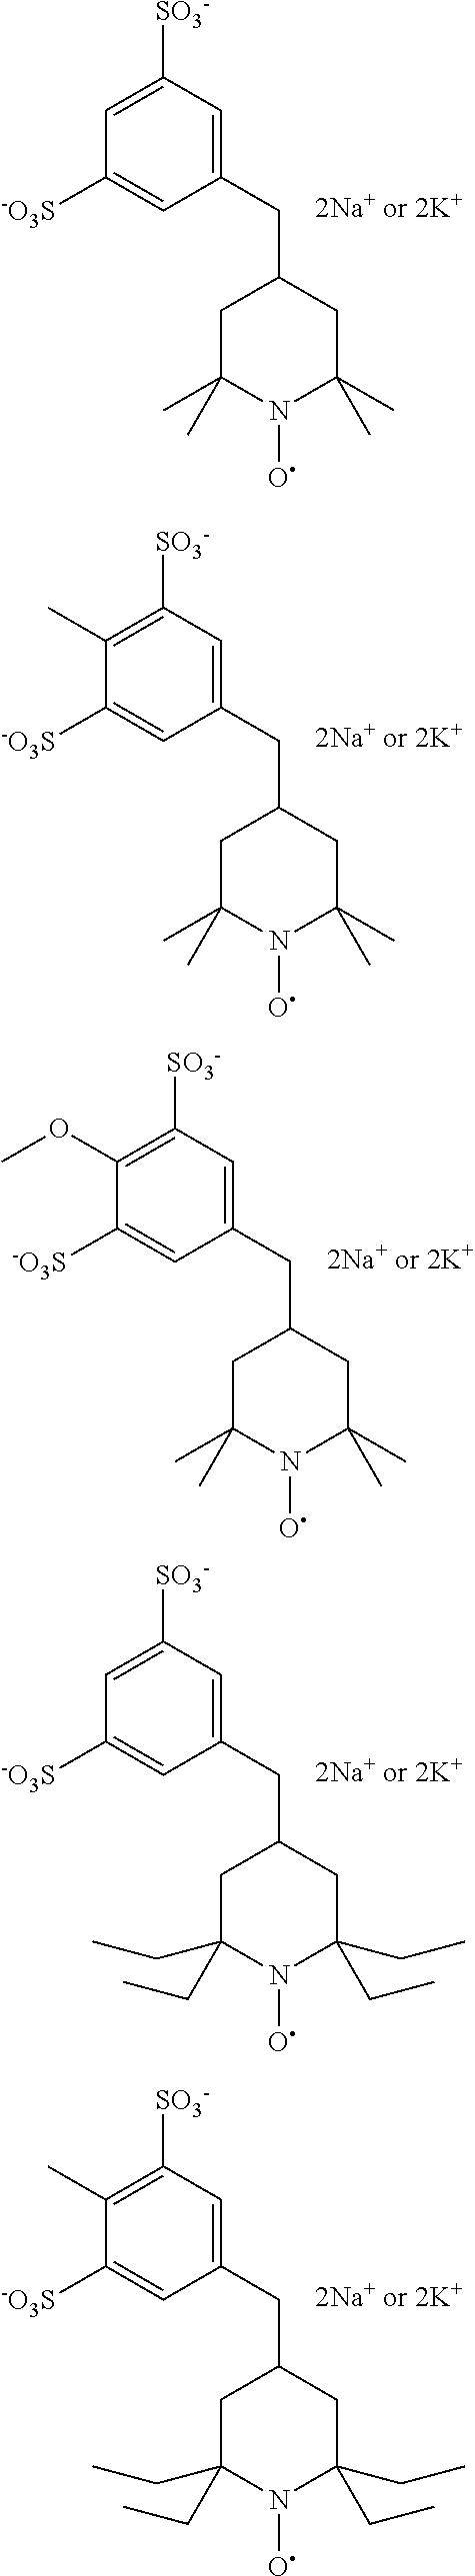 Figure US20180072669A1-20180315-C00033